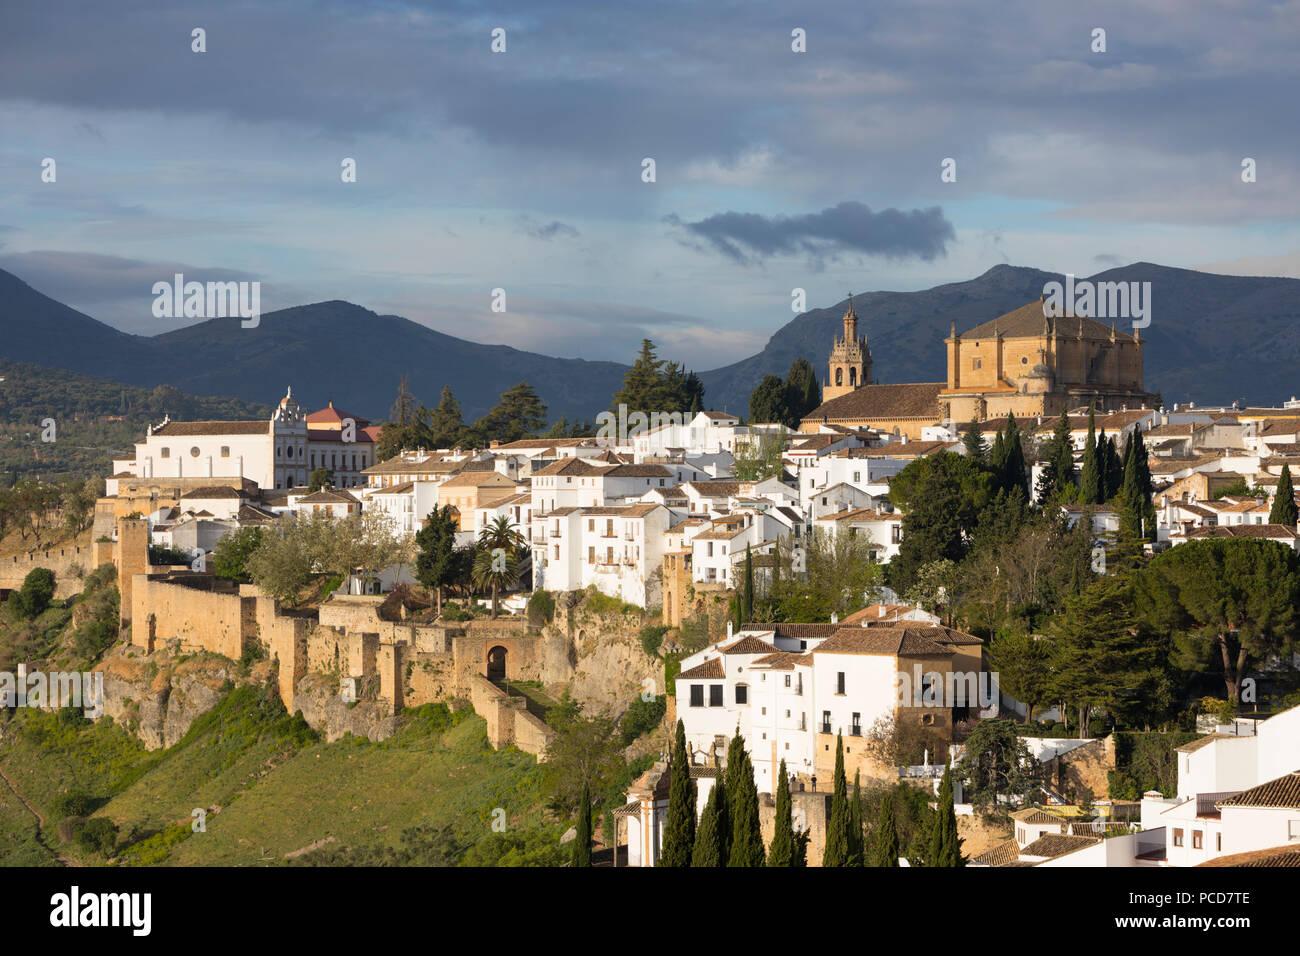 Vue sur la vieille ville blanche et la Iglesia de Santa Maria la Mayor, Ronda, Andalousie, Espagne, Europe Photo Stock